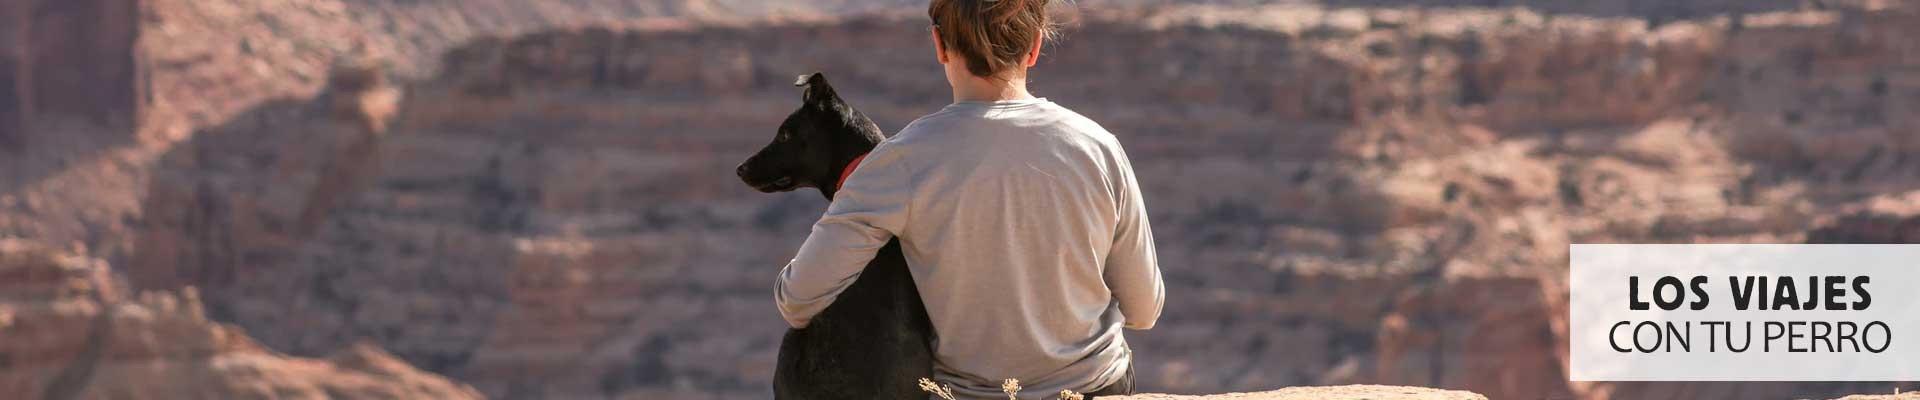 Te ayudamos con los viajes y transporte de tu perro